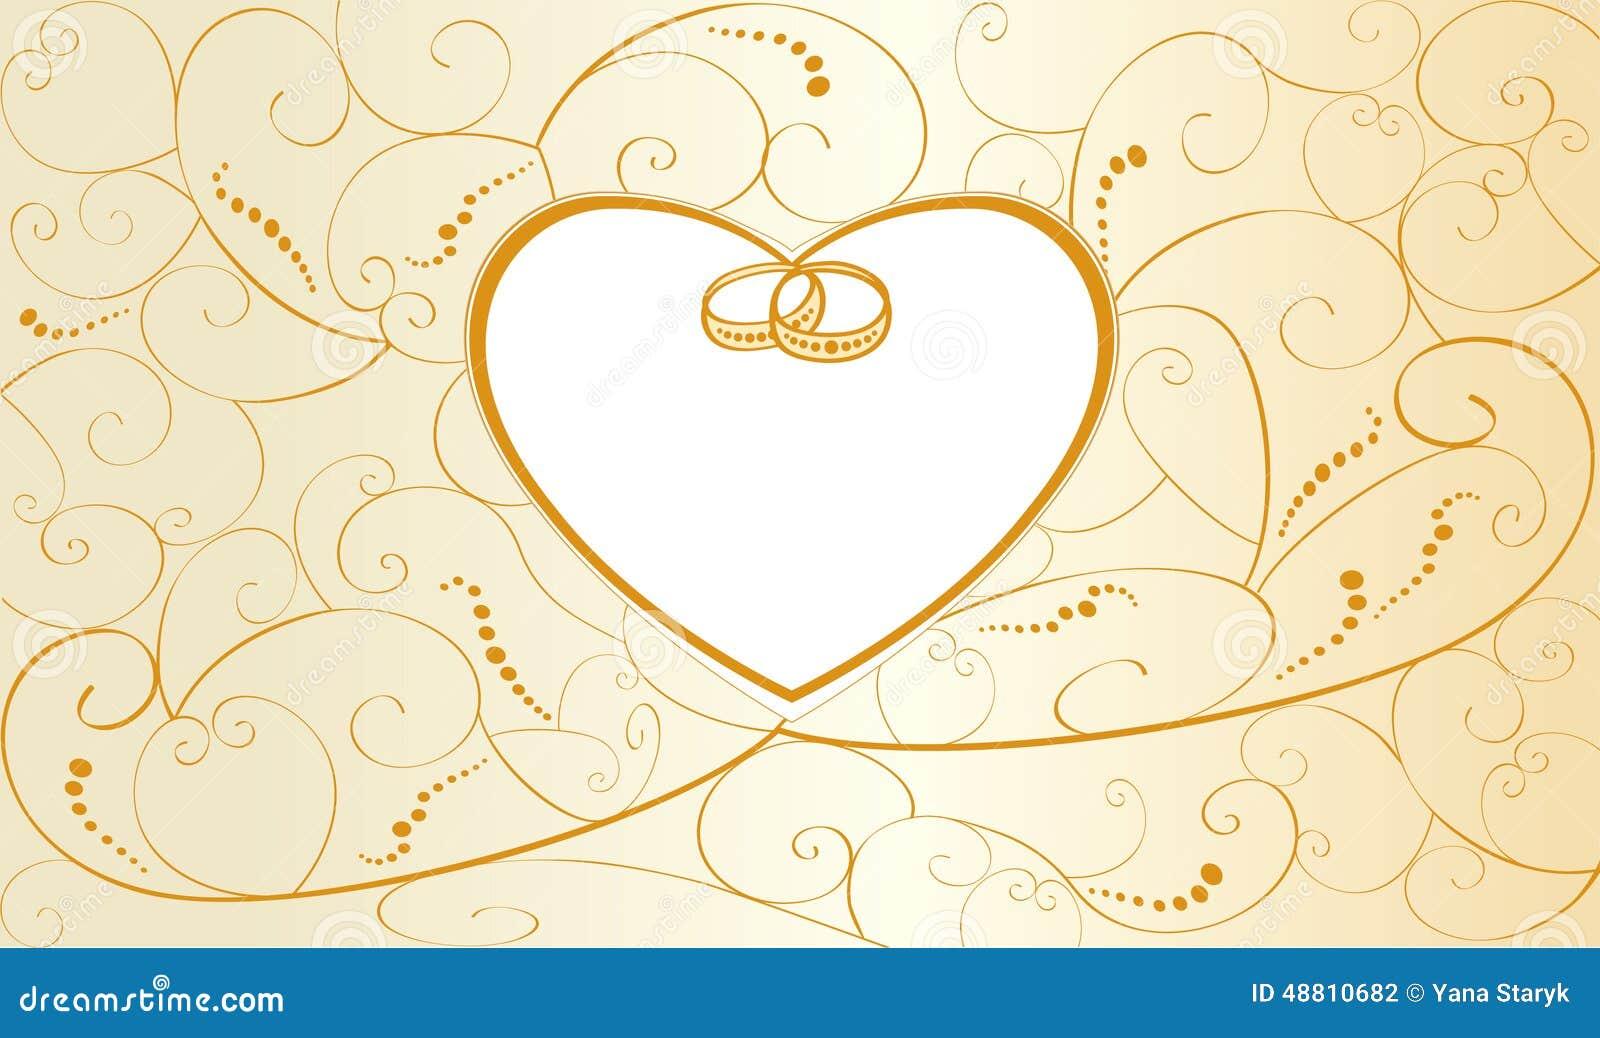 Hochzeitskarte Mit Ringen Und Herzen Vektor Abbildung Illustration